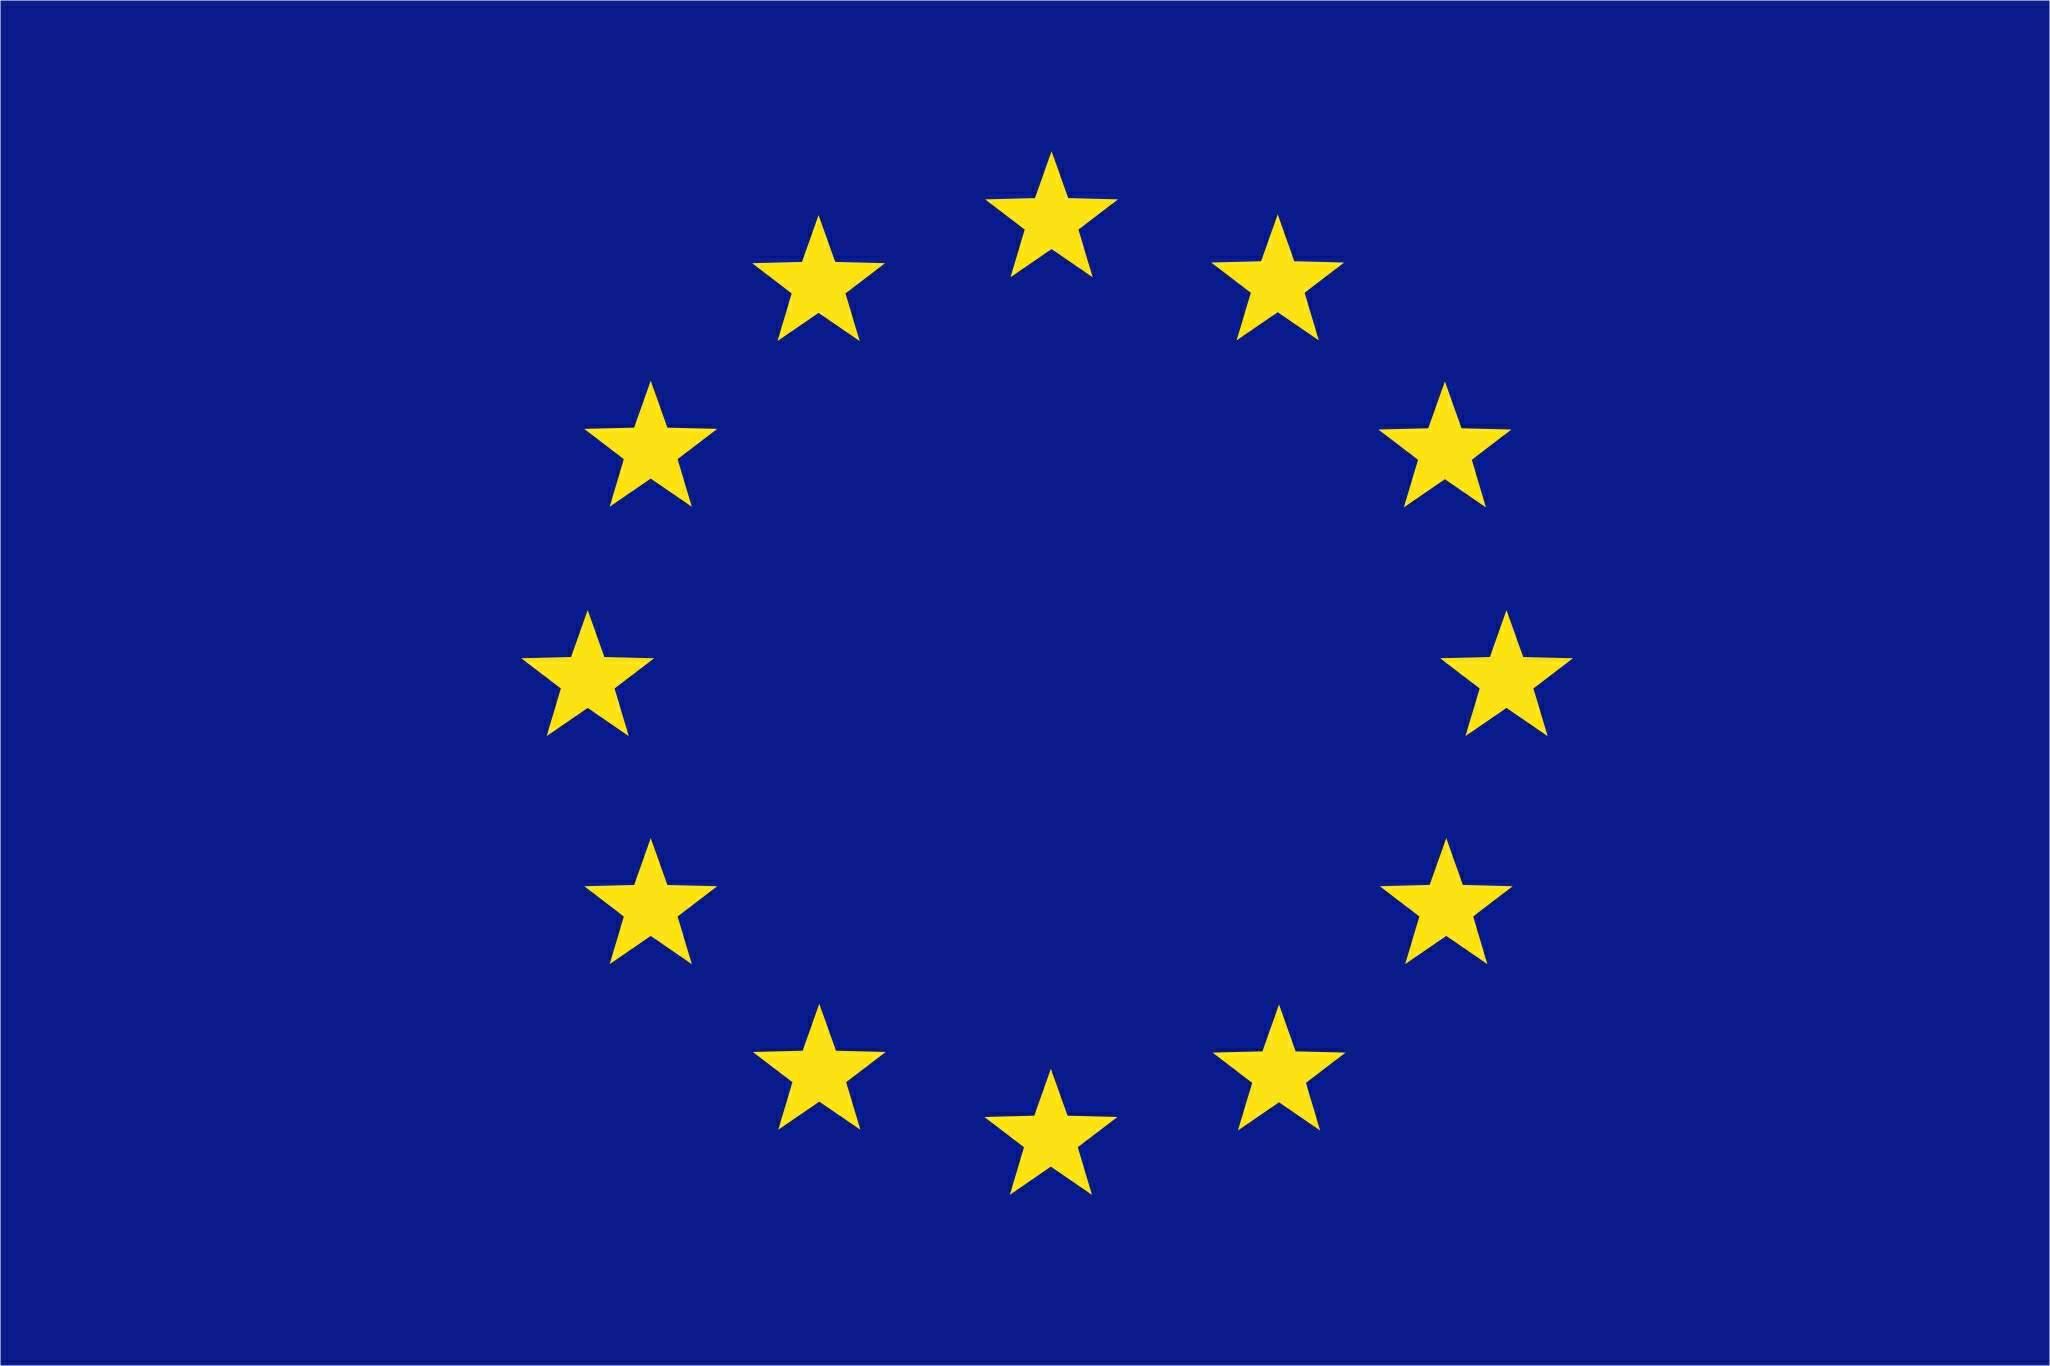 Európska únia odštartovala Európsky rok rozvoja 2015